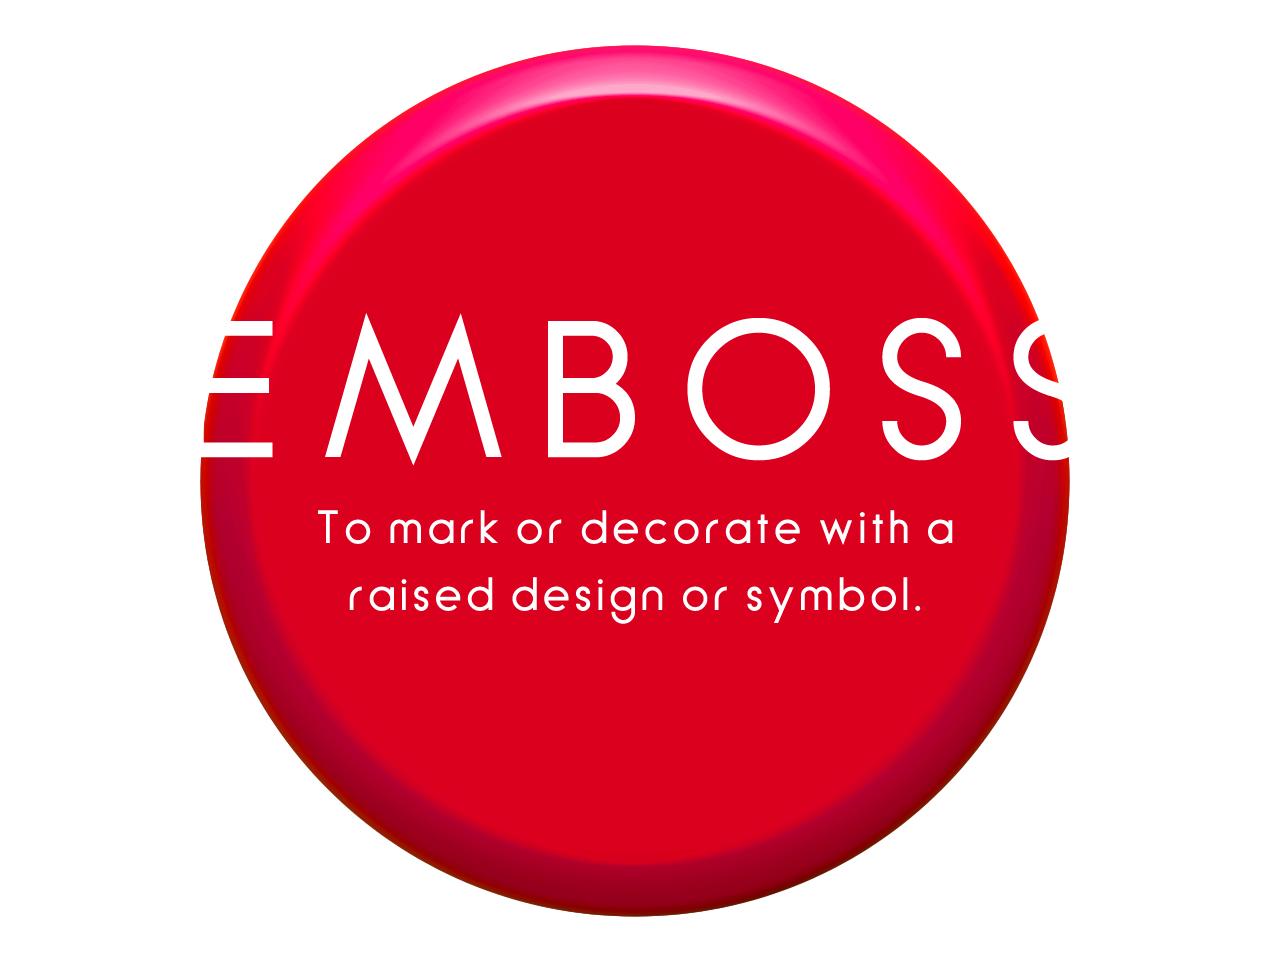 エンボス』とは   デザイン ... : 紙の辞書 英語 : 英語